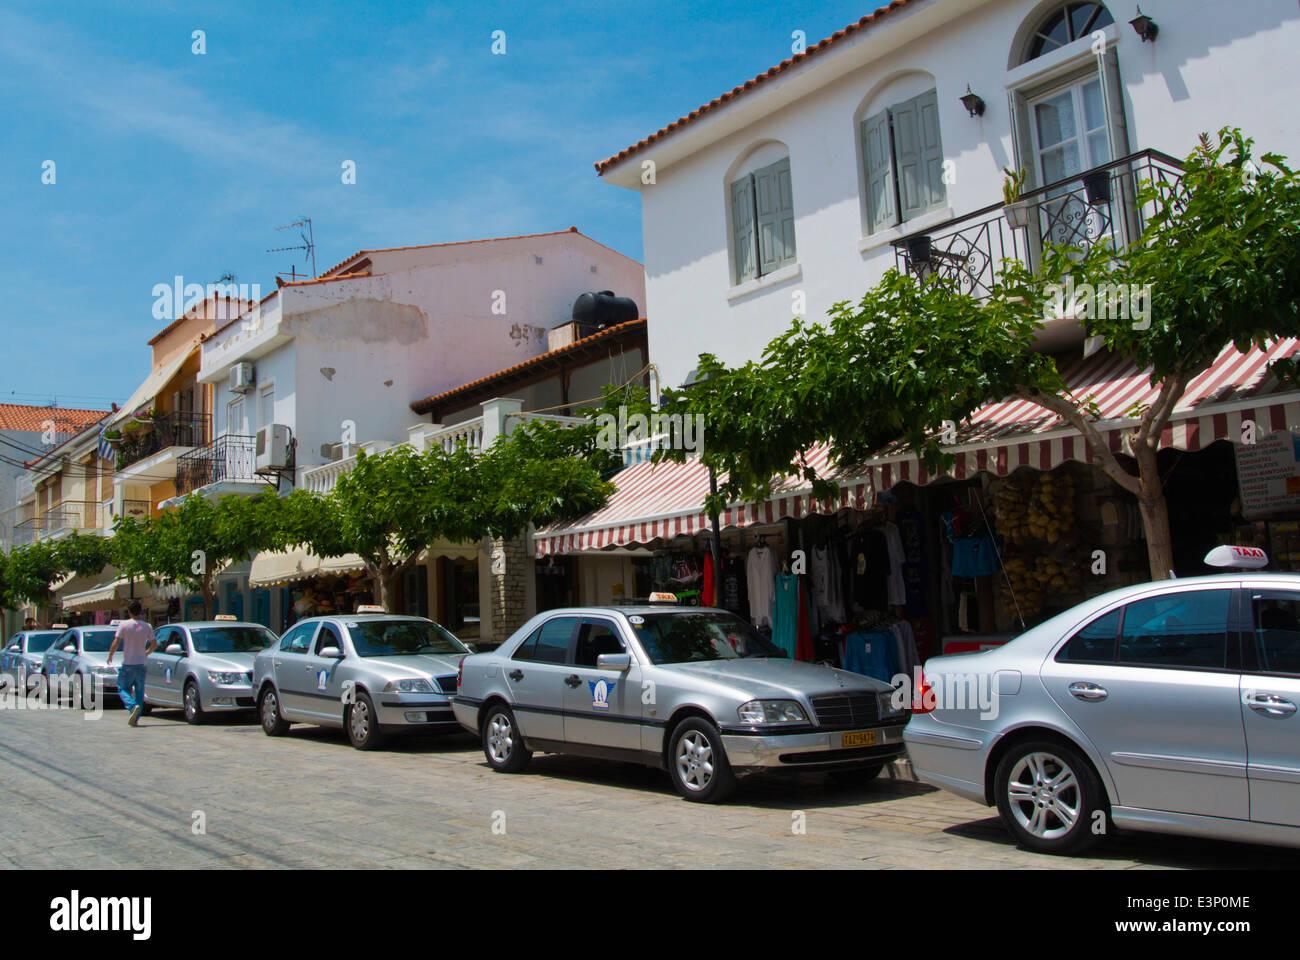 Taxis by harbour, Logotheti street, Pythagoreio, Samos, Aegean Sea, Greece, Europe Stock Photo